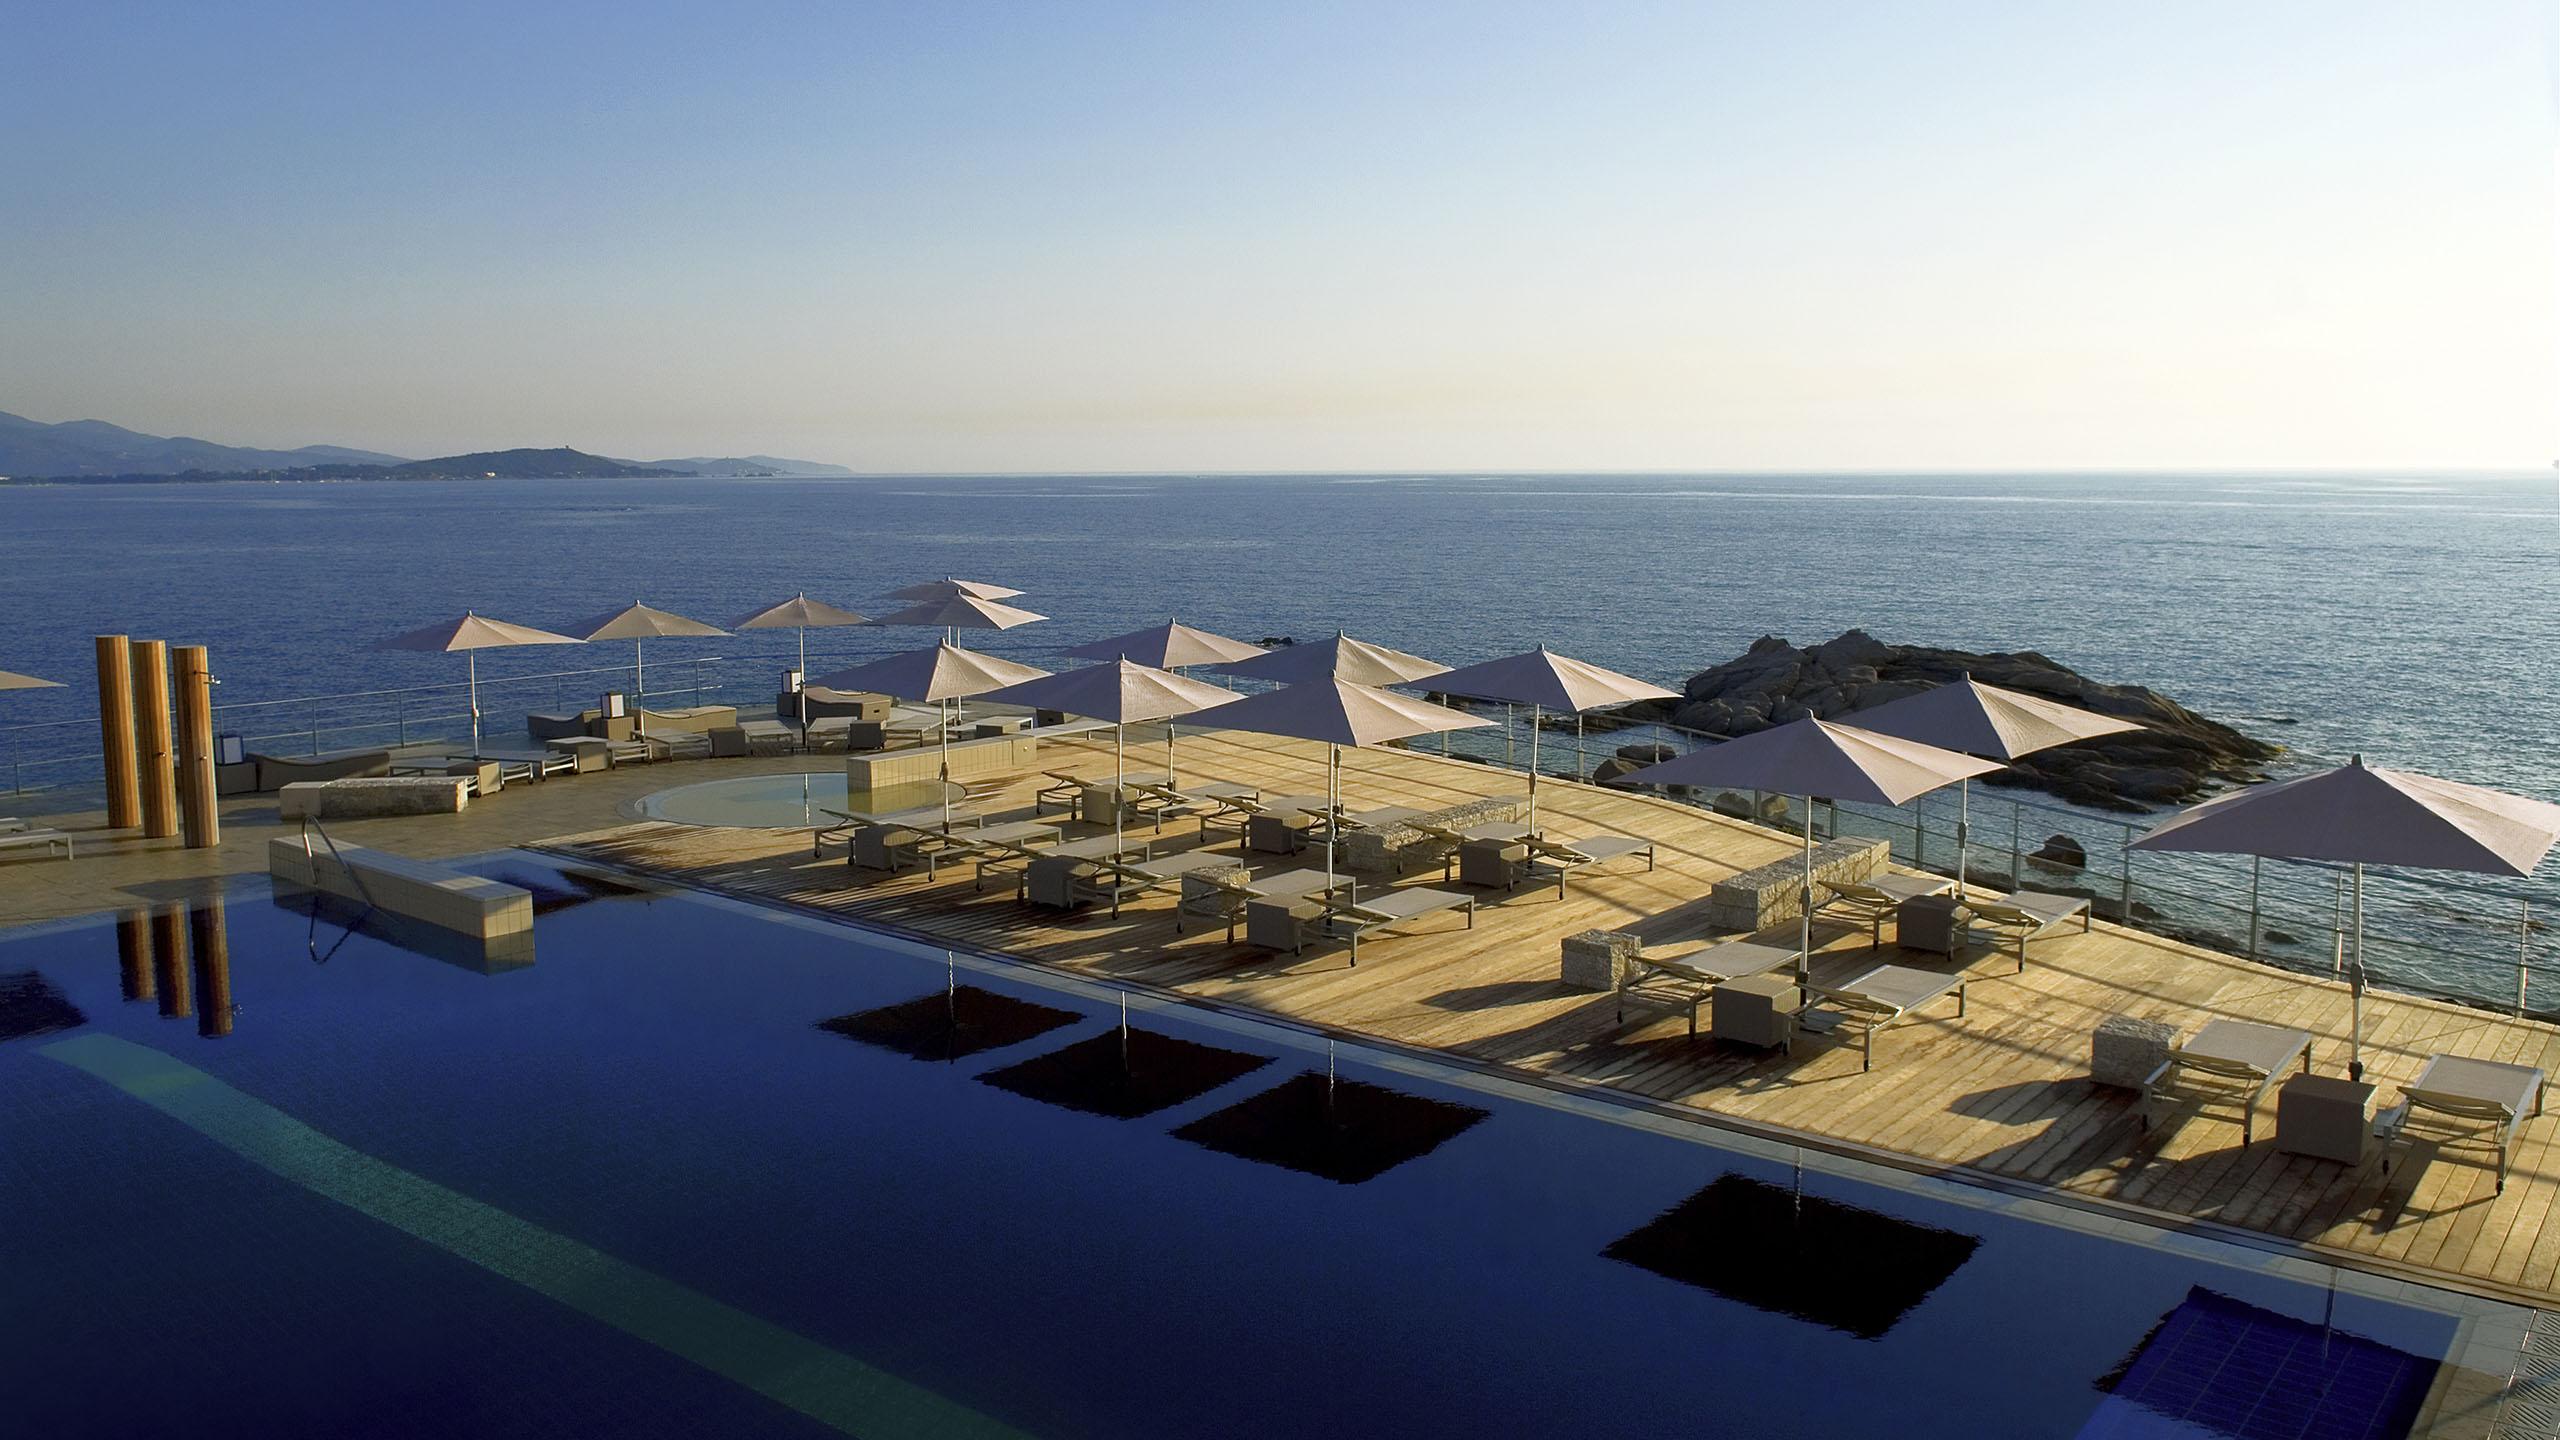 Carte Corse Porticcio.Luxury Hotel Porticcio Sofitel Golfe D Ajaccio Thalassa